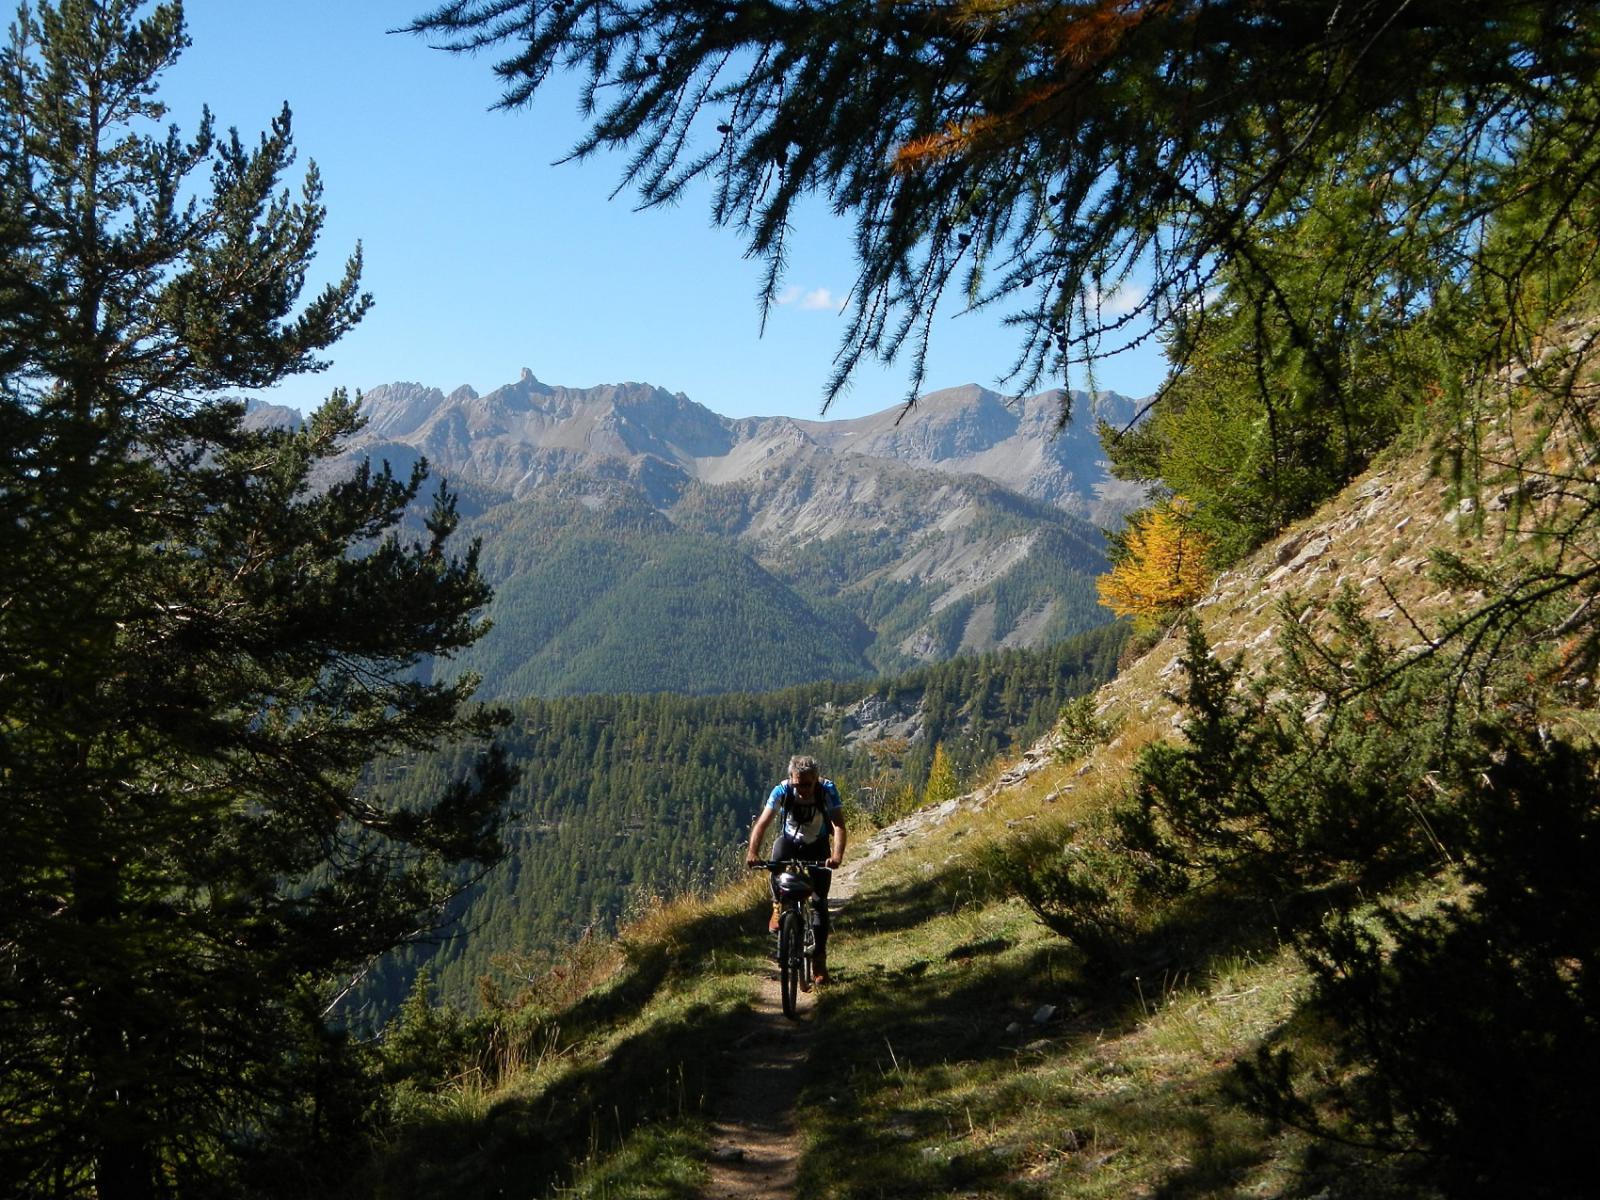 verso la fine del bosco sopra Souliers